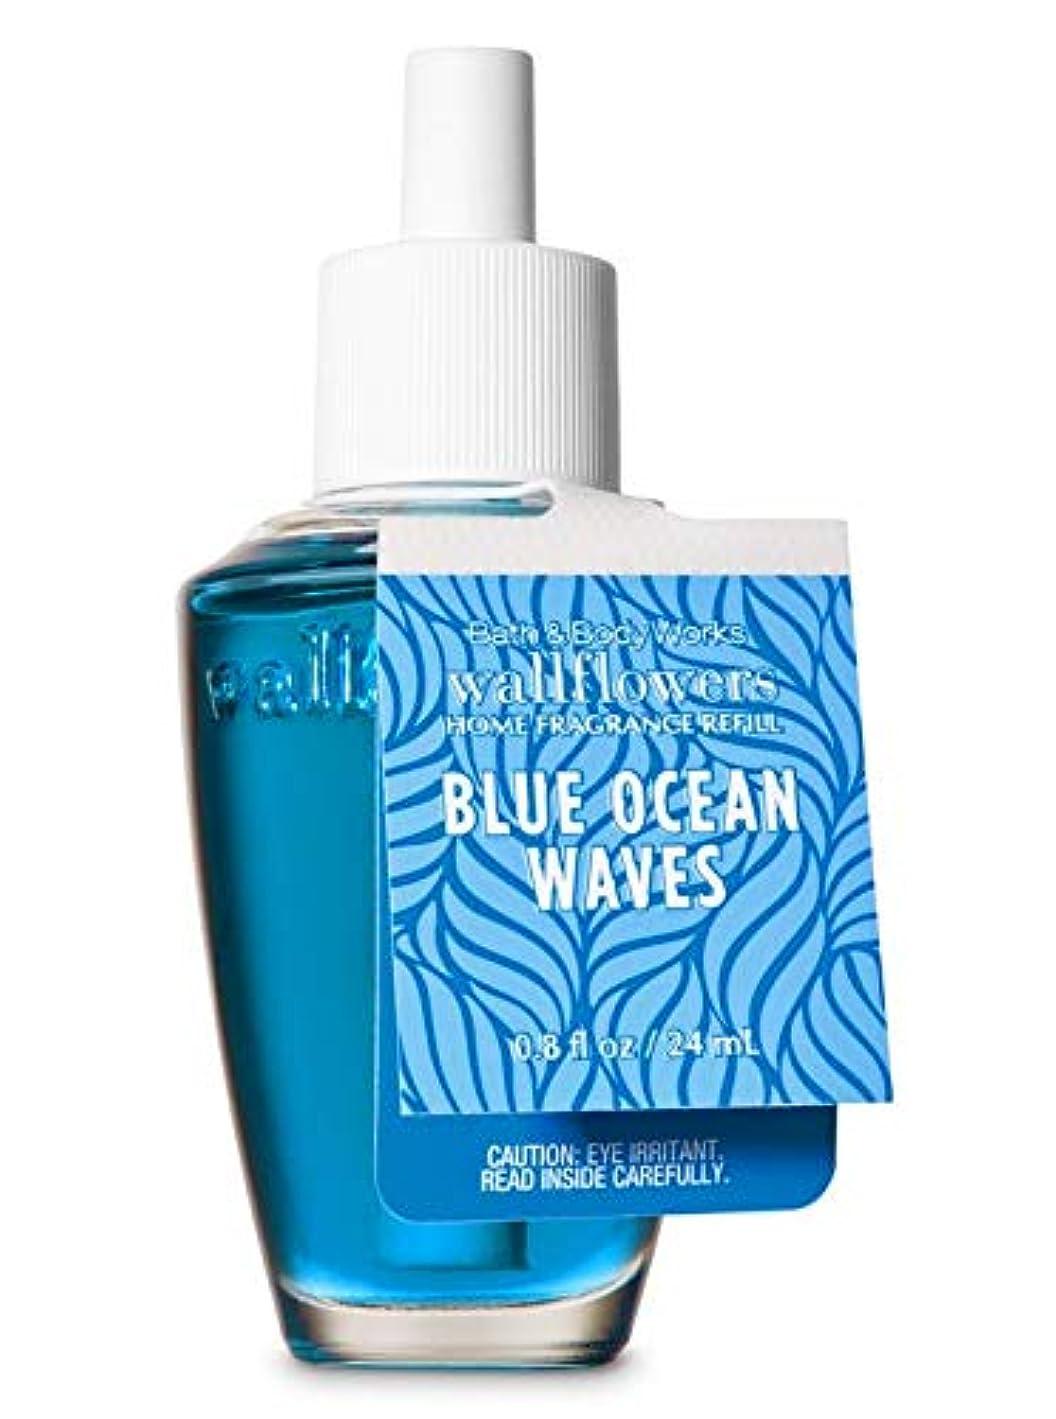 真鍮出口送った【Bath&Body Works/バス&ボディワークス】 ルームフレグランス 詰替えリフィル ブルーオーシャンウェーブ Wallflowers Home Fragrance Refill Blue Ocean Waves [並行輸入品]